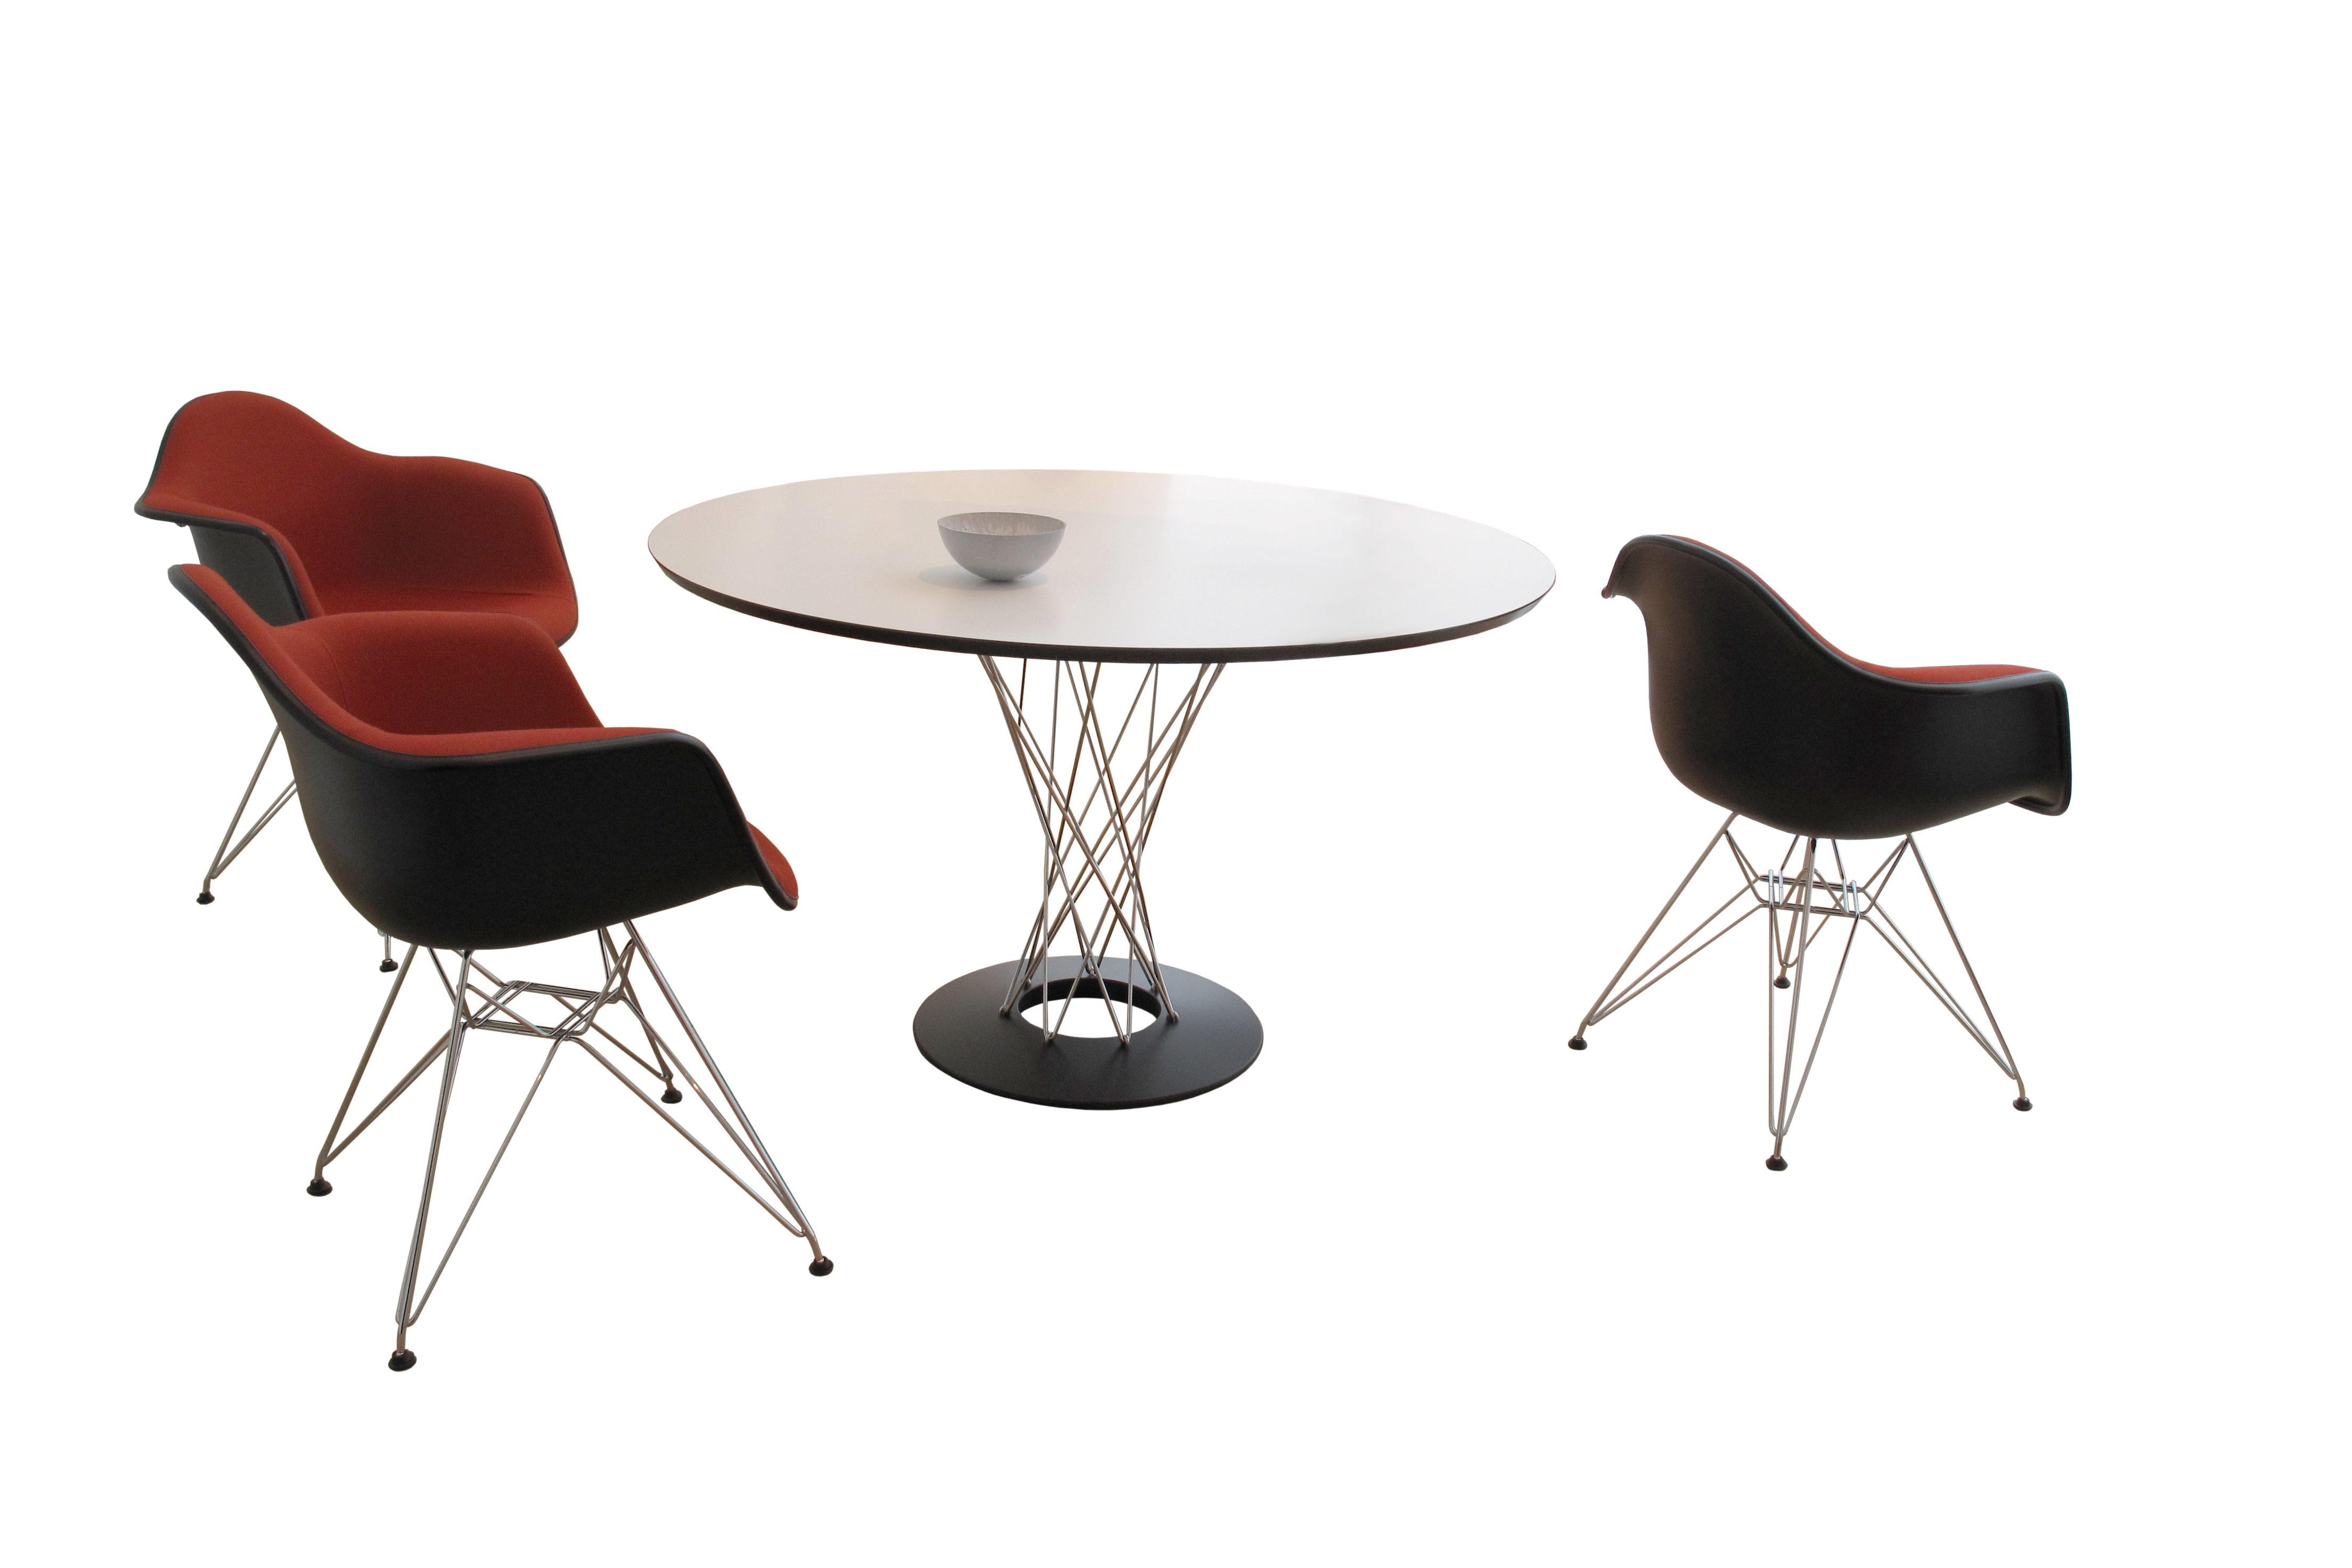 Fileeames Plastic Chairsimg Jpg.